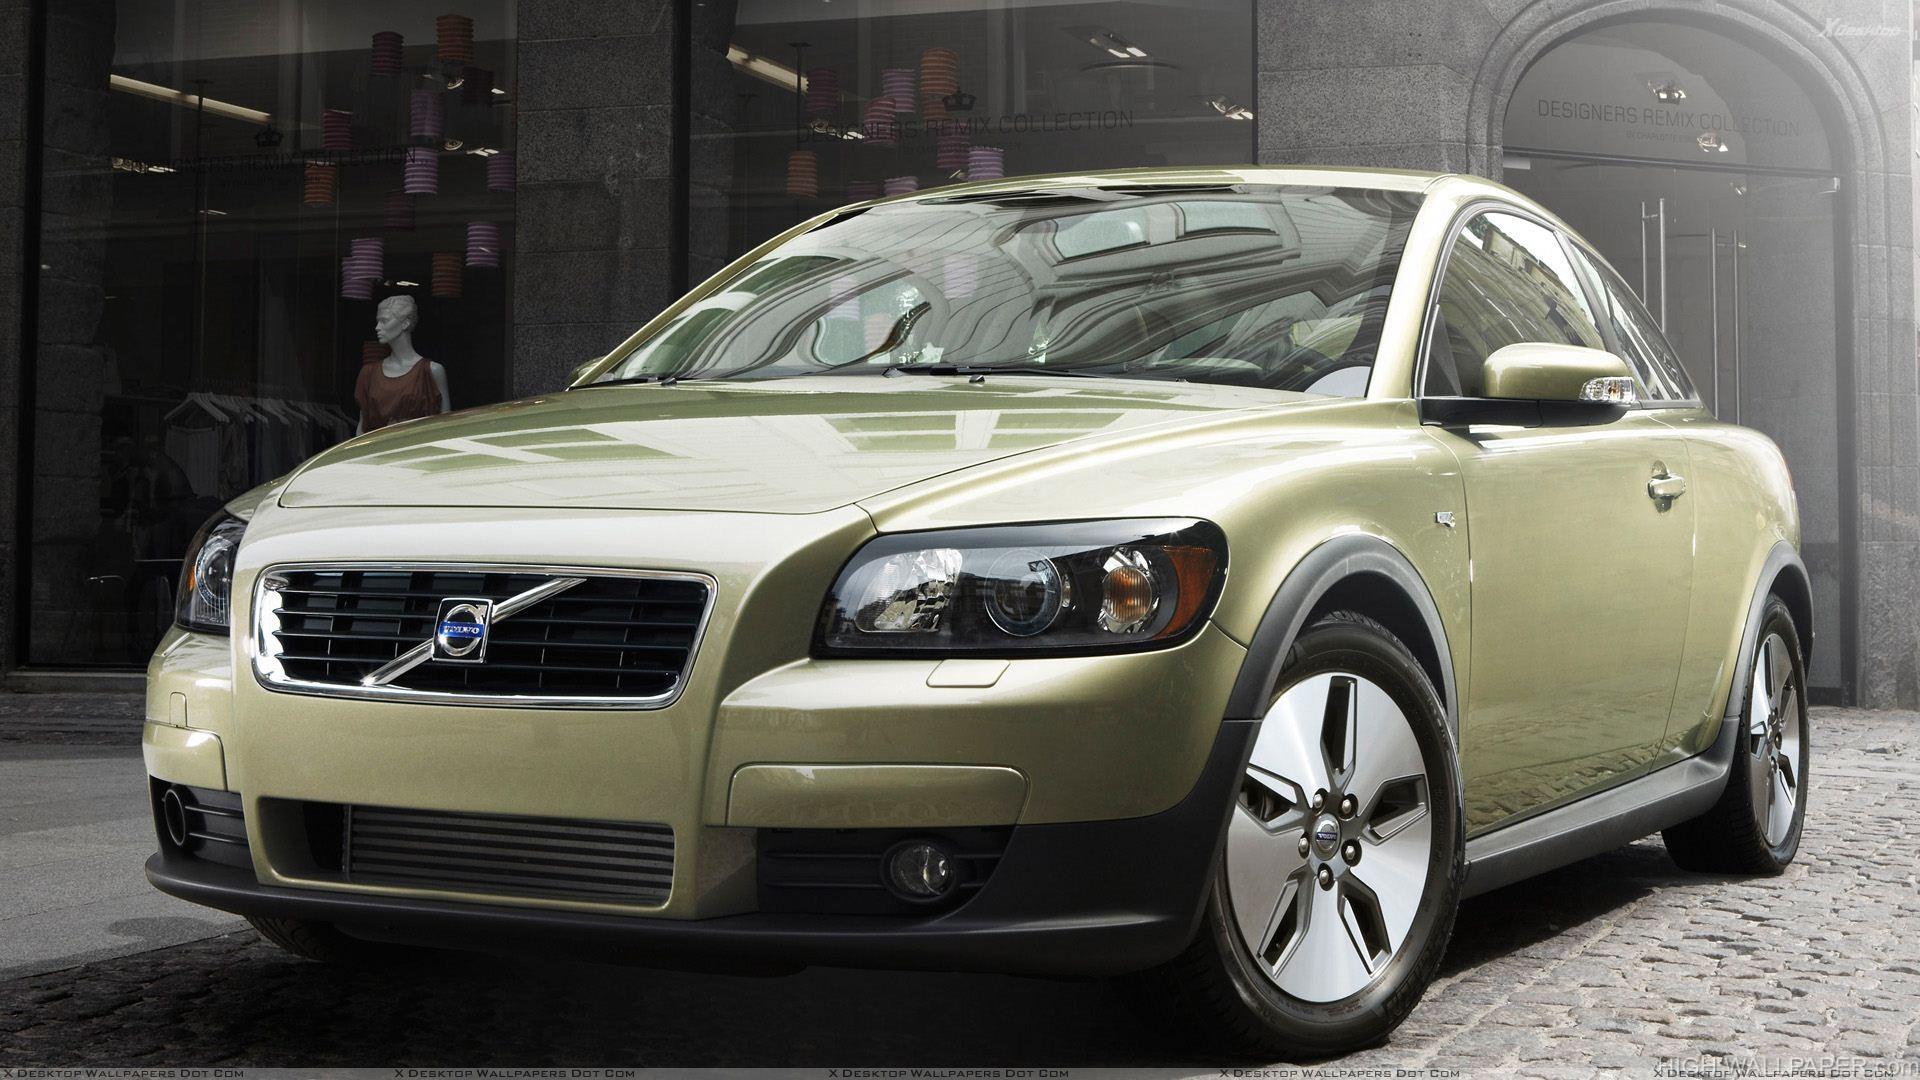 Volvo C30 Green